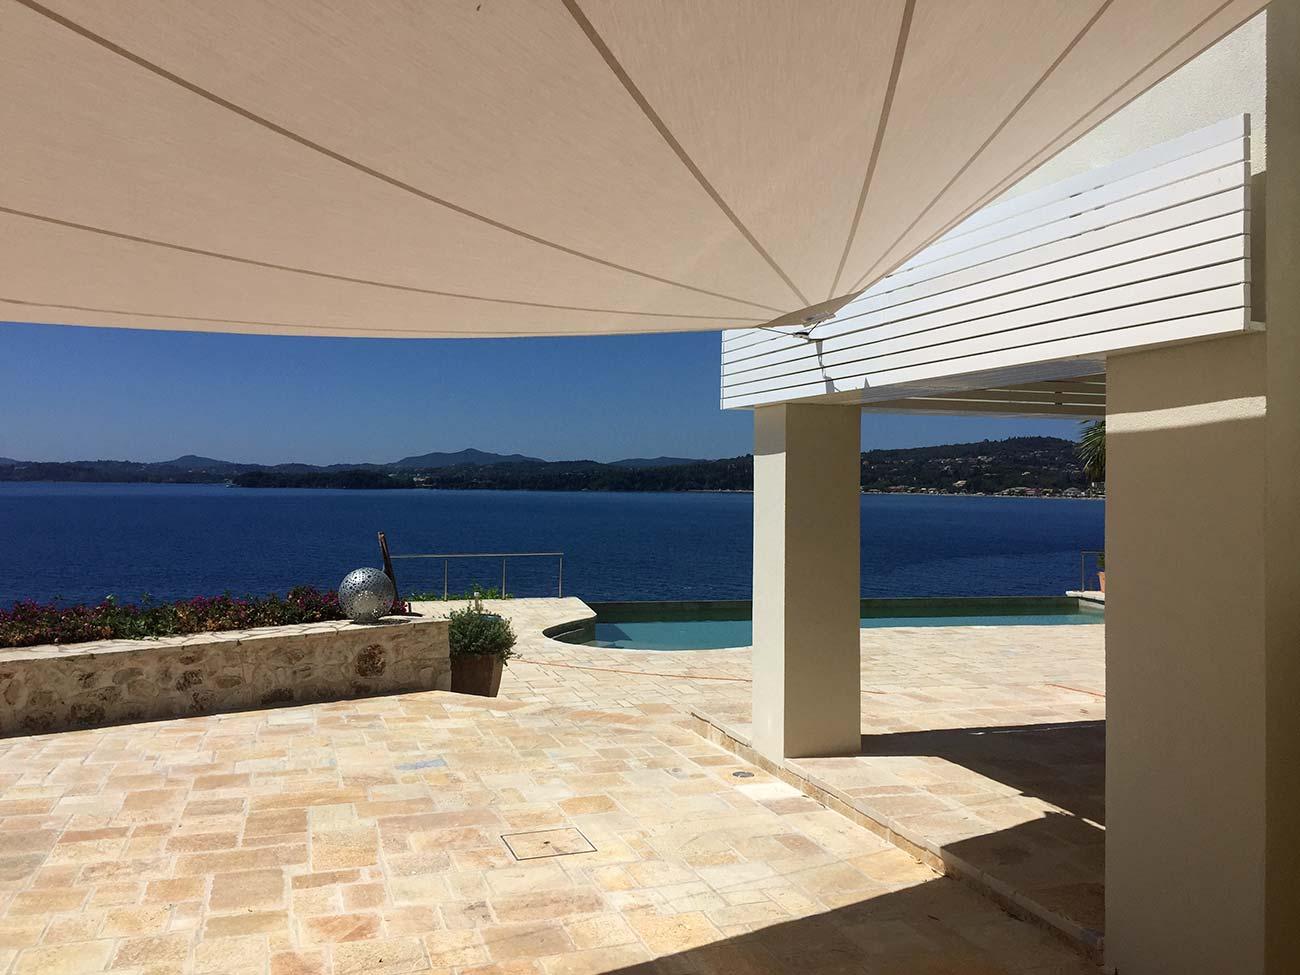 Private House Renovation   Alberto Artuso   Architect in Corfu